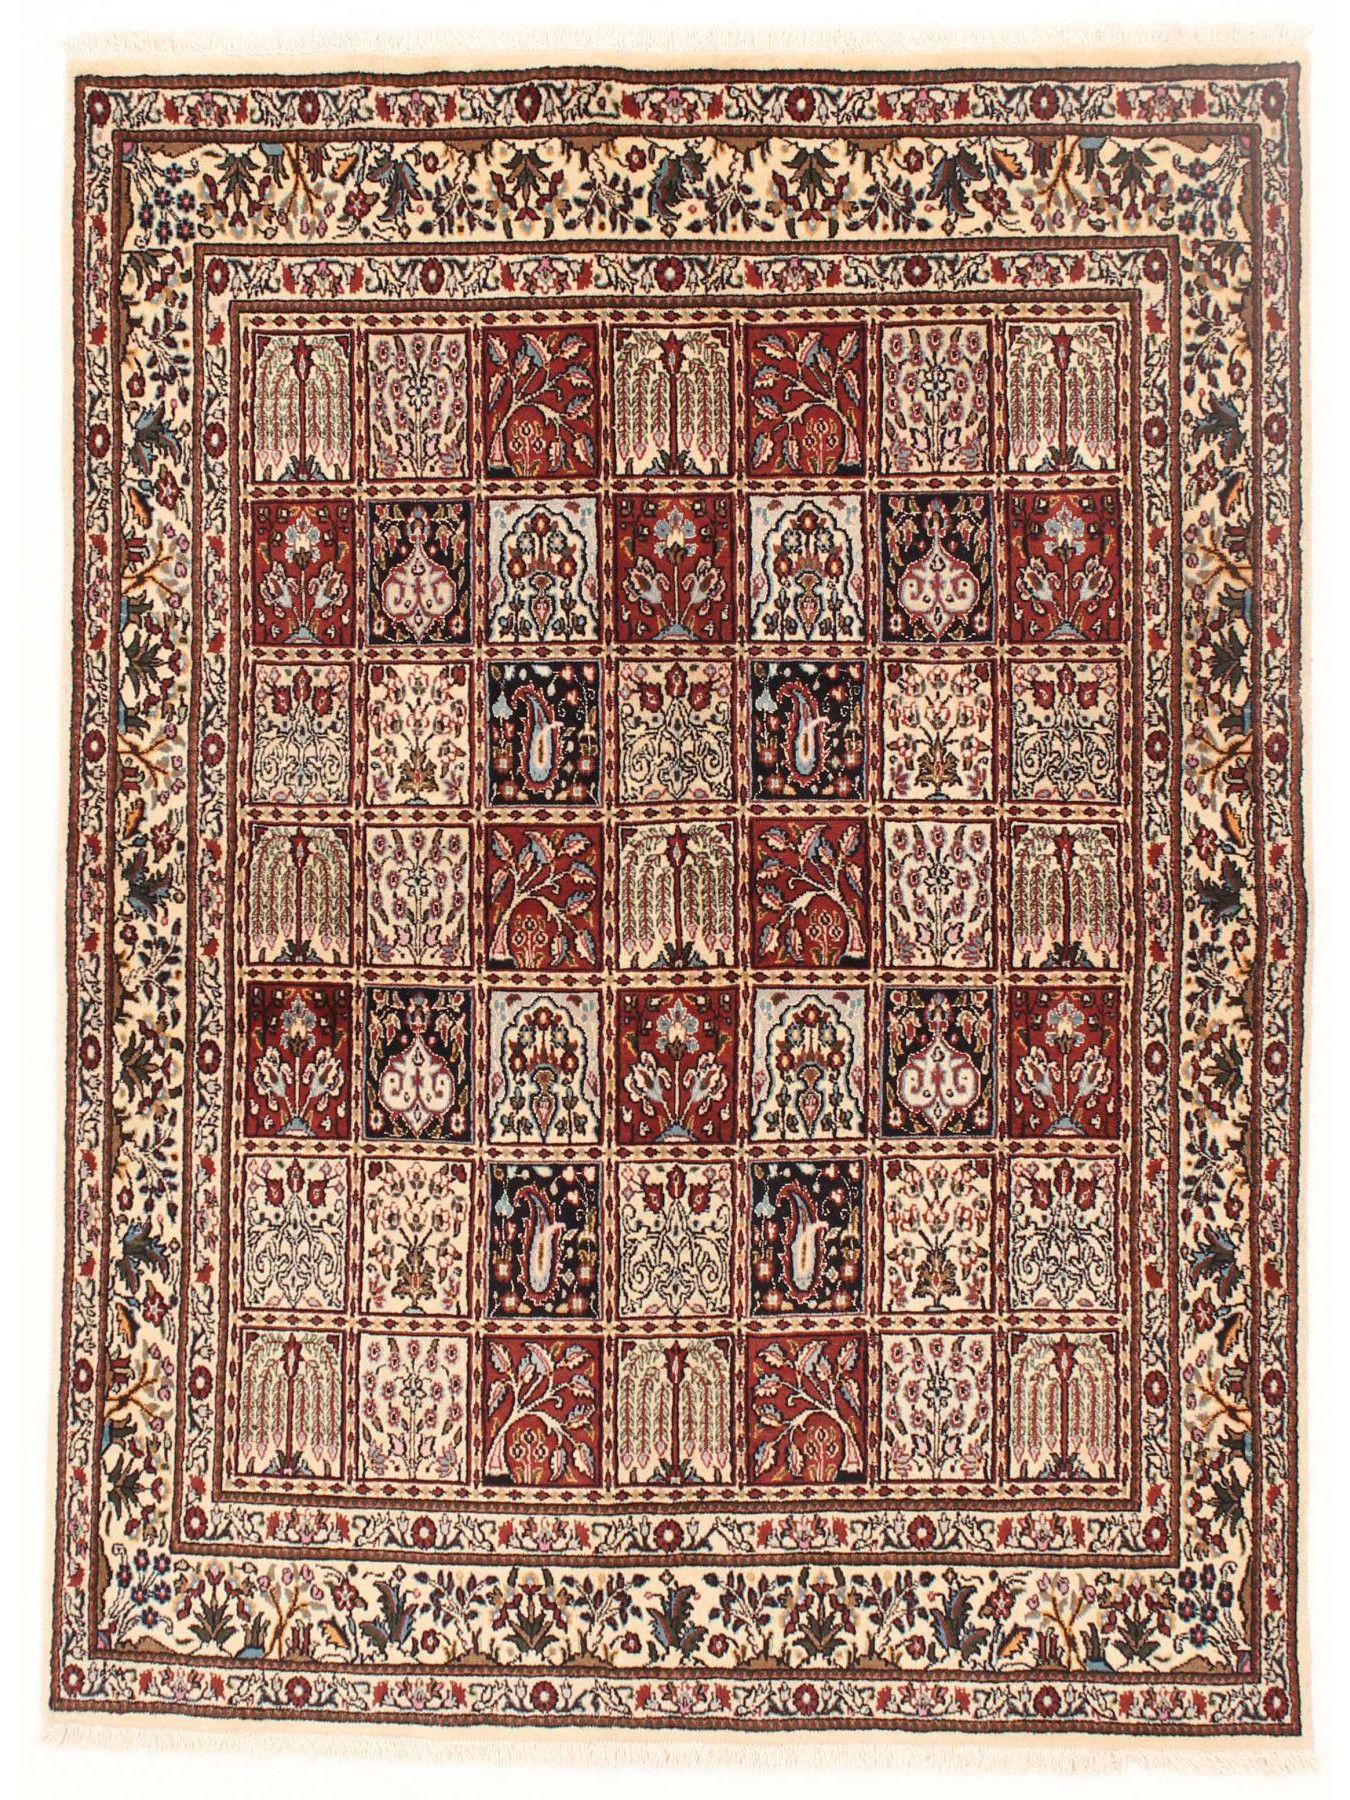 Tapis persans - Moud Jardin  Dimensions:193x143cm